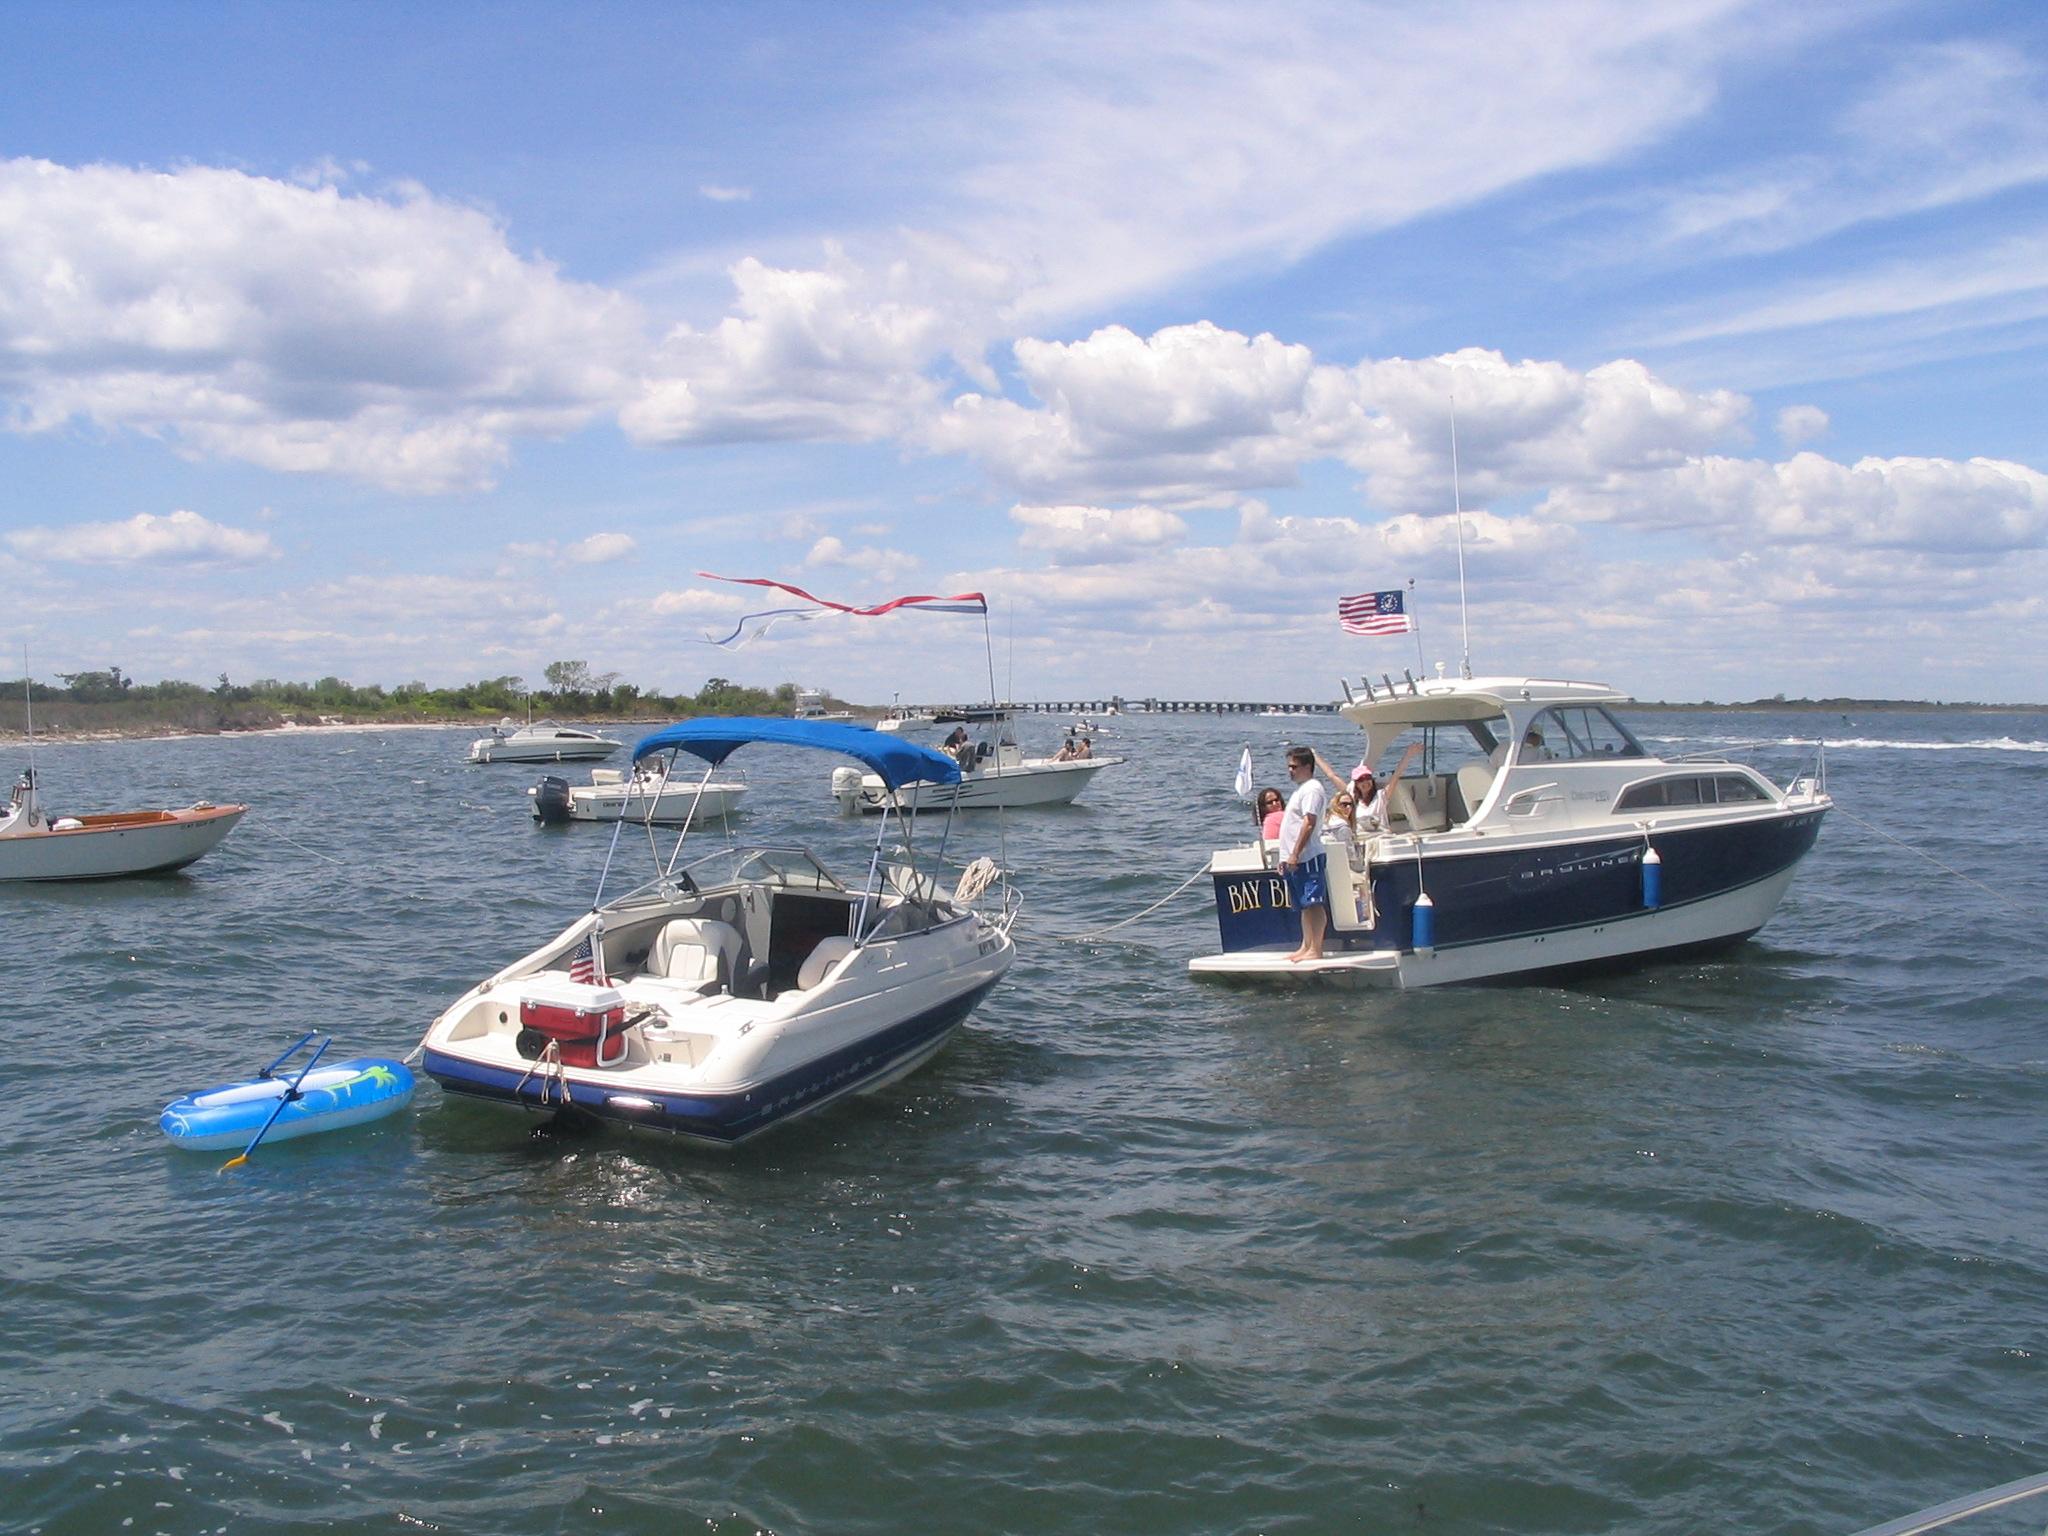 Memorial Day Blue Angels Airshow Raftup Jones Beach Robert Moses